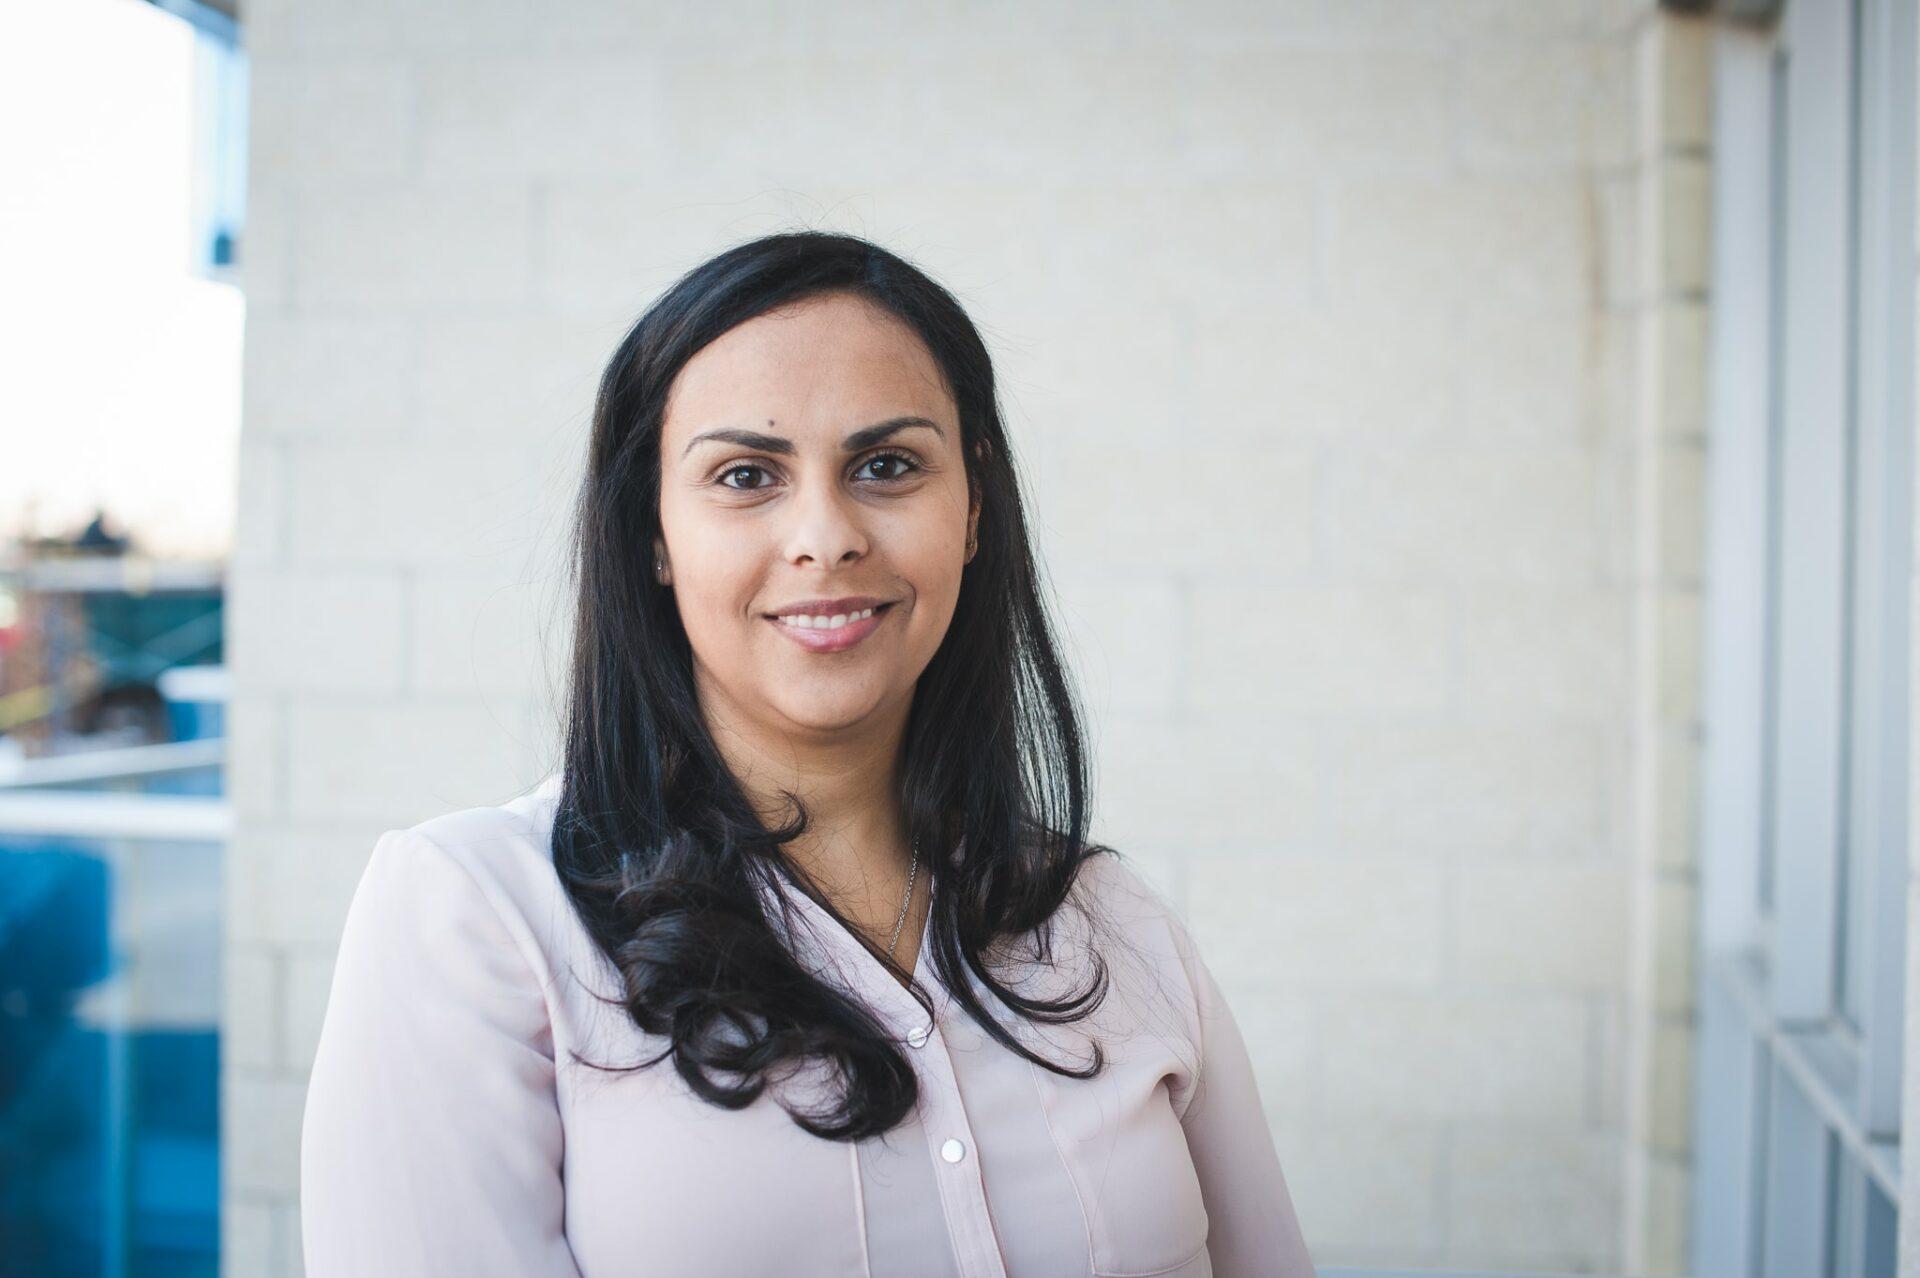 Sally De Rosa, HRWize